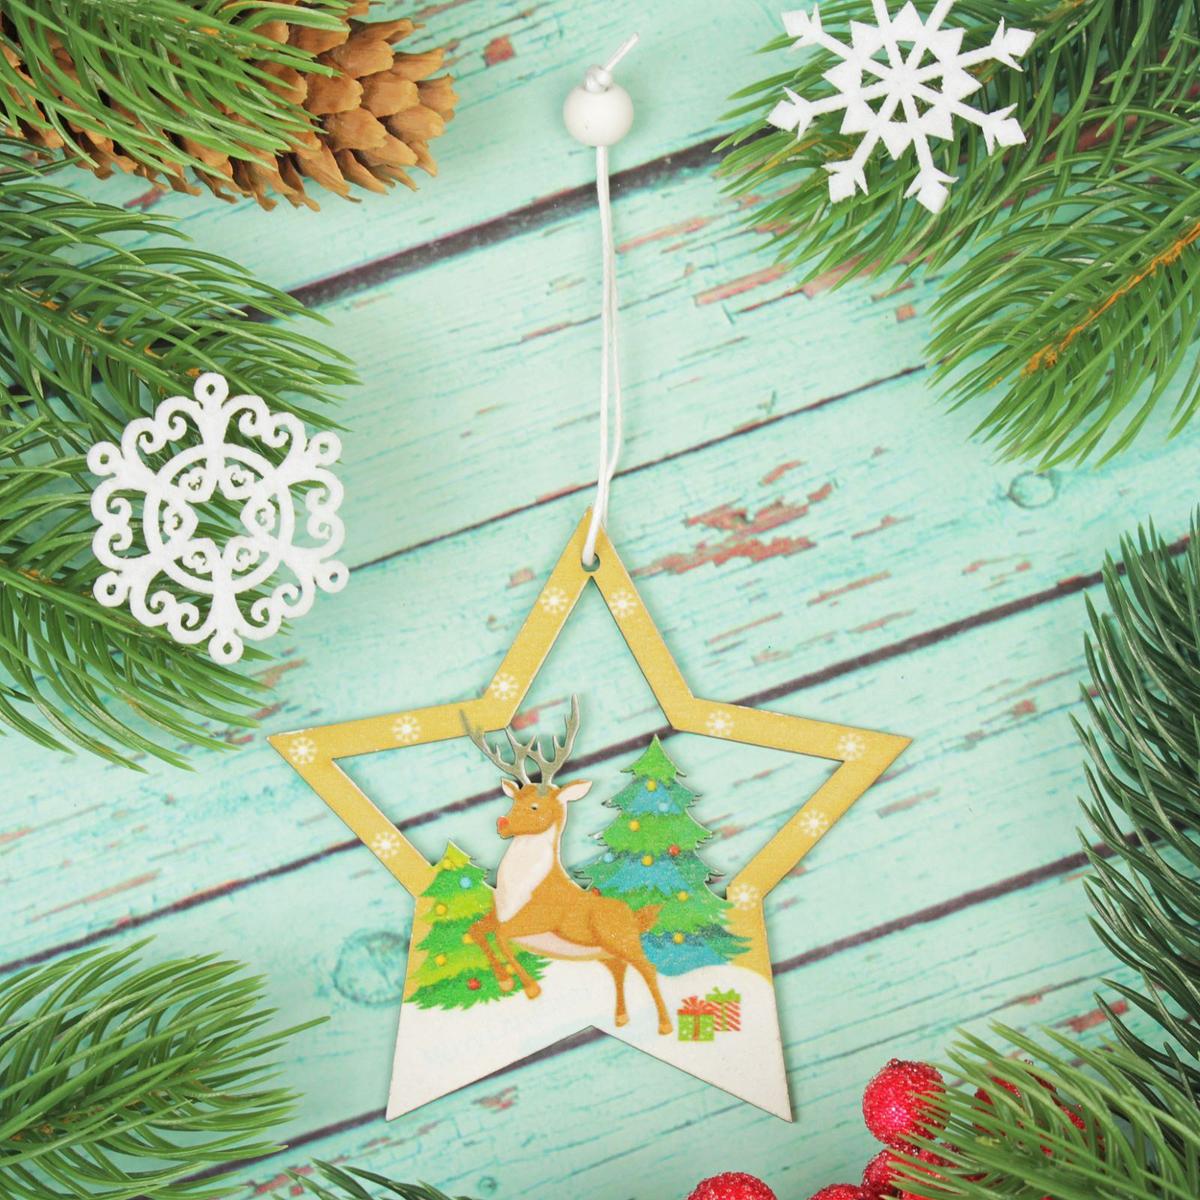 Украшение новогоднее подвесное Олень в звезде2303452Новогоднее украшение, выполненное из дерева, отлично подойдет для декорации вашего дома и новогодней ели. С помощью специальной петельки украшение можно повесить в любом понравившемся вам месте. Но, конечно, удачнее всего оно будет смотреться на праздничной елке.Елочная игрушка - символ Нового года. Она несет в себе волшебство и красоту праздника. Такое украшение создаст в вашем доме атмосферу праздника, веселья и радости.